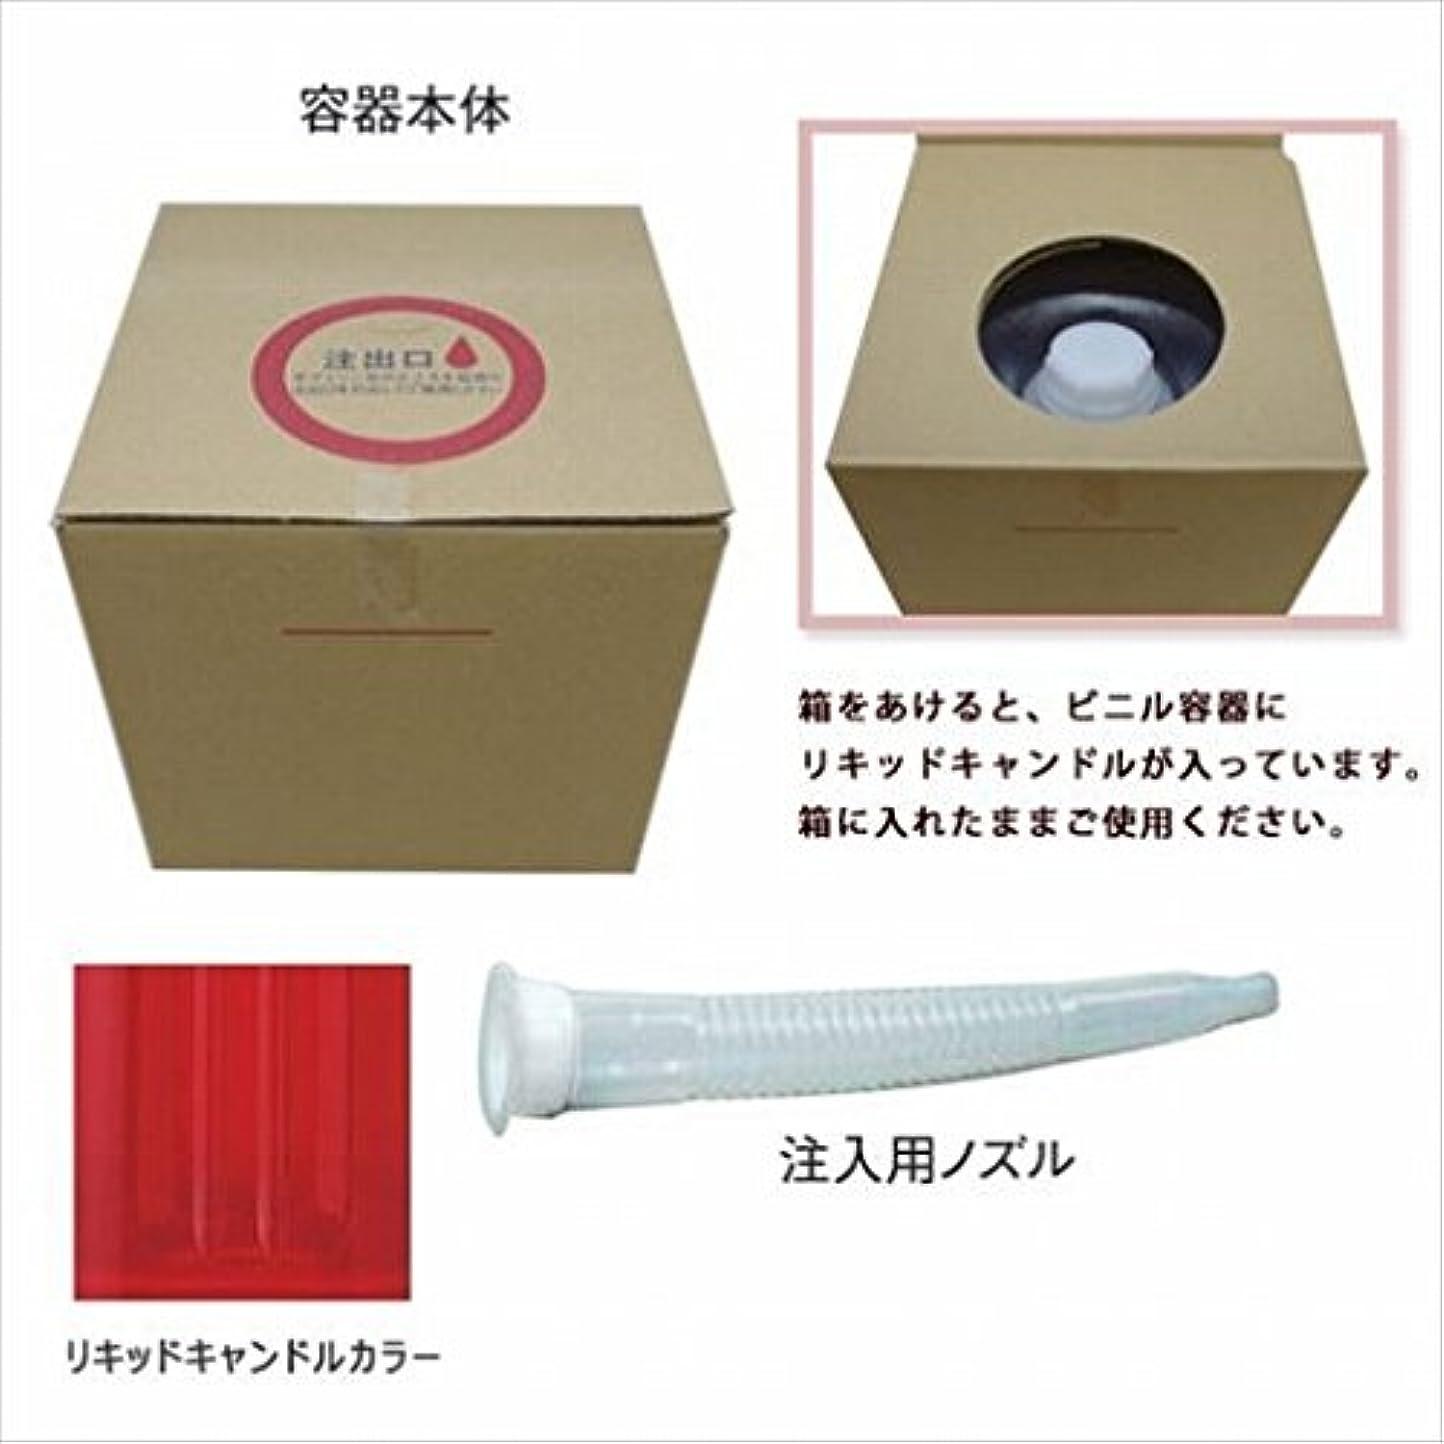 カメヤマキャンドル(kameyama candle) リキッドキャンドル5リットル 「 ワインレッド 」